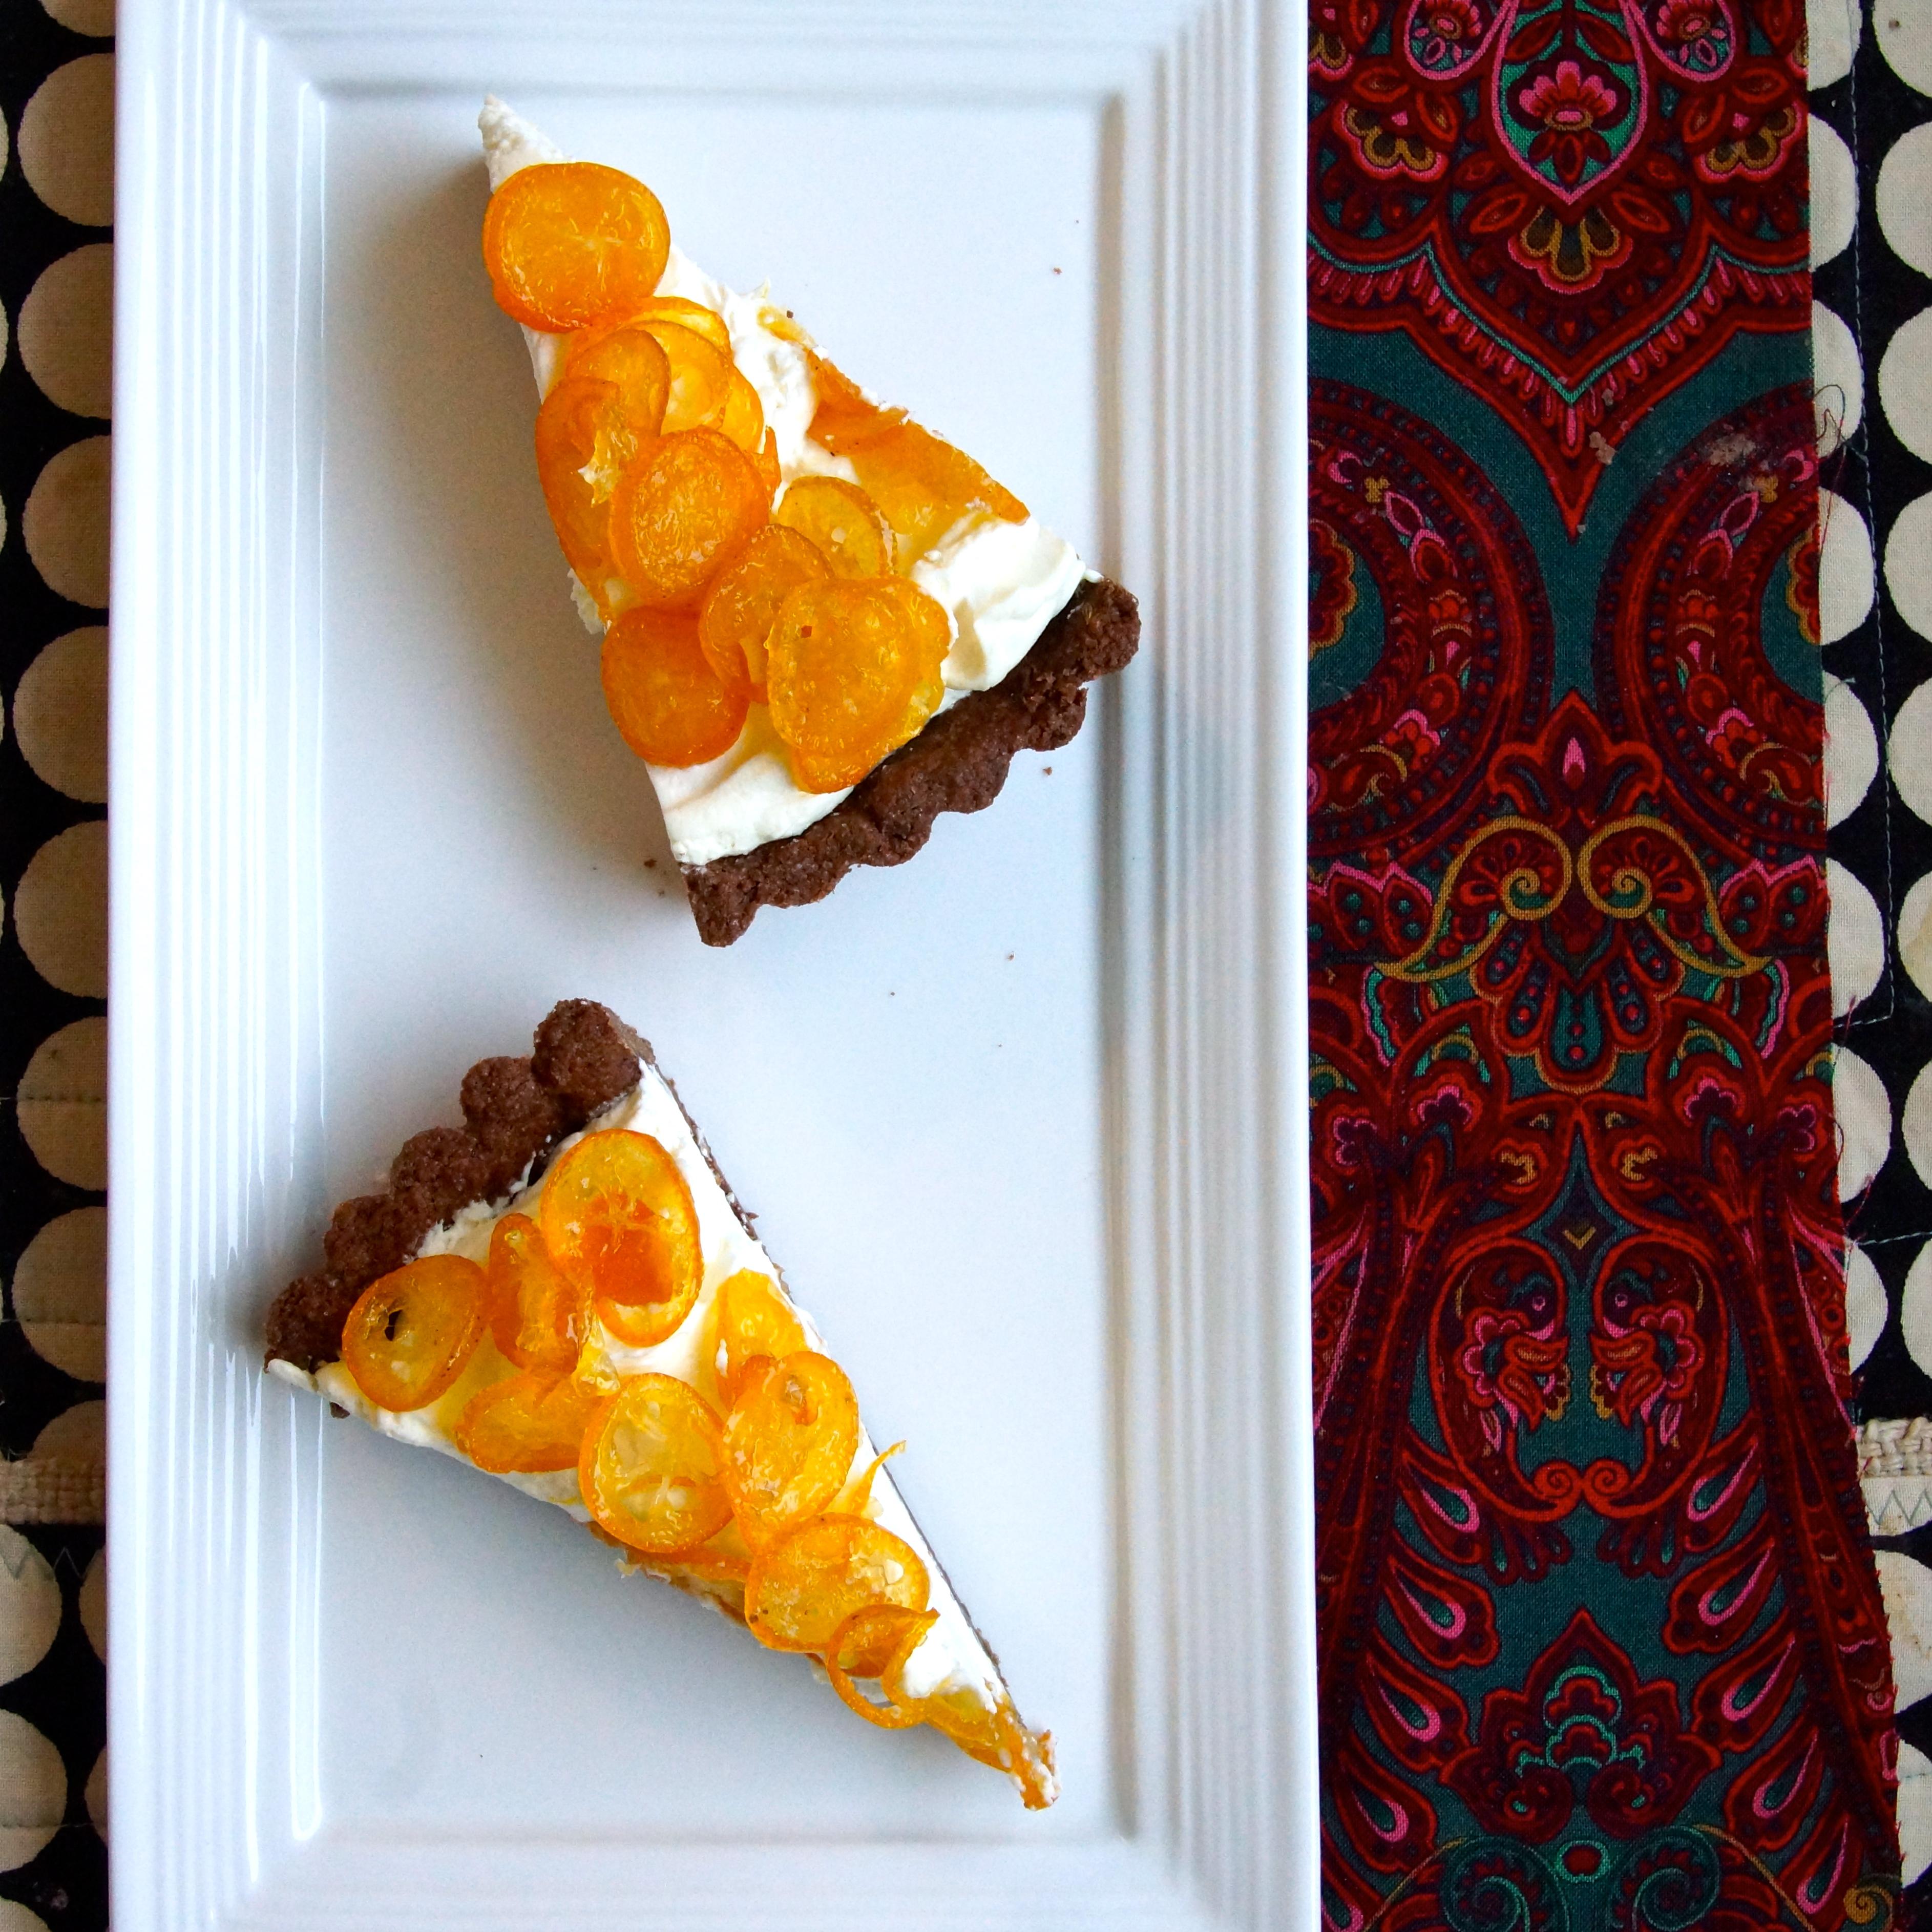 Candied Kumquat & Mascarpone Tart | strawberryplum